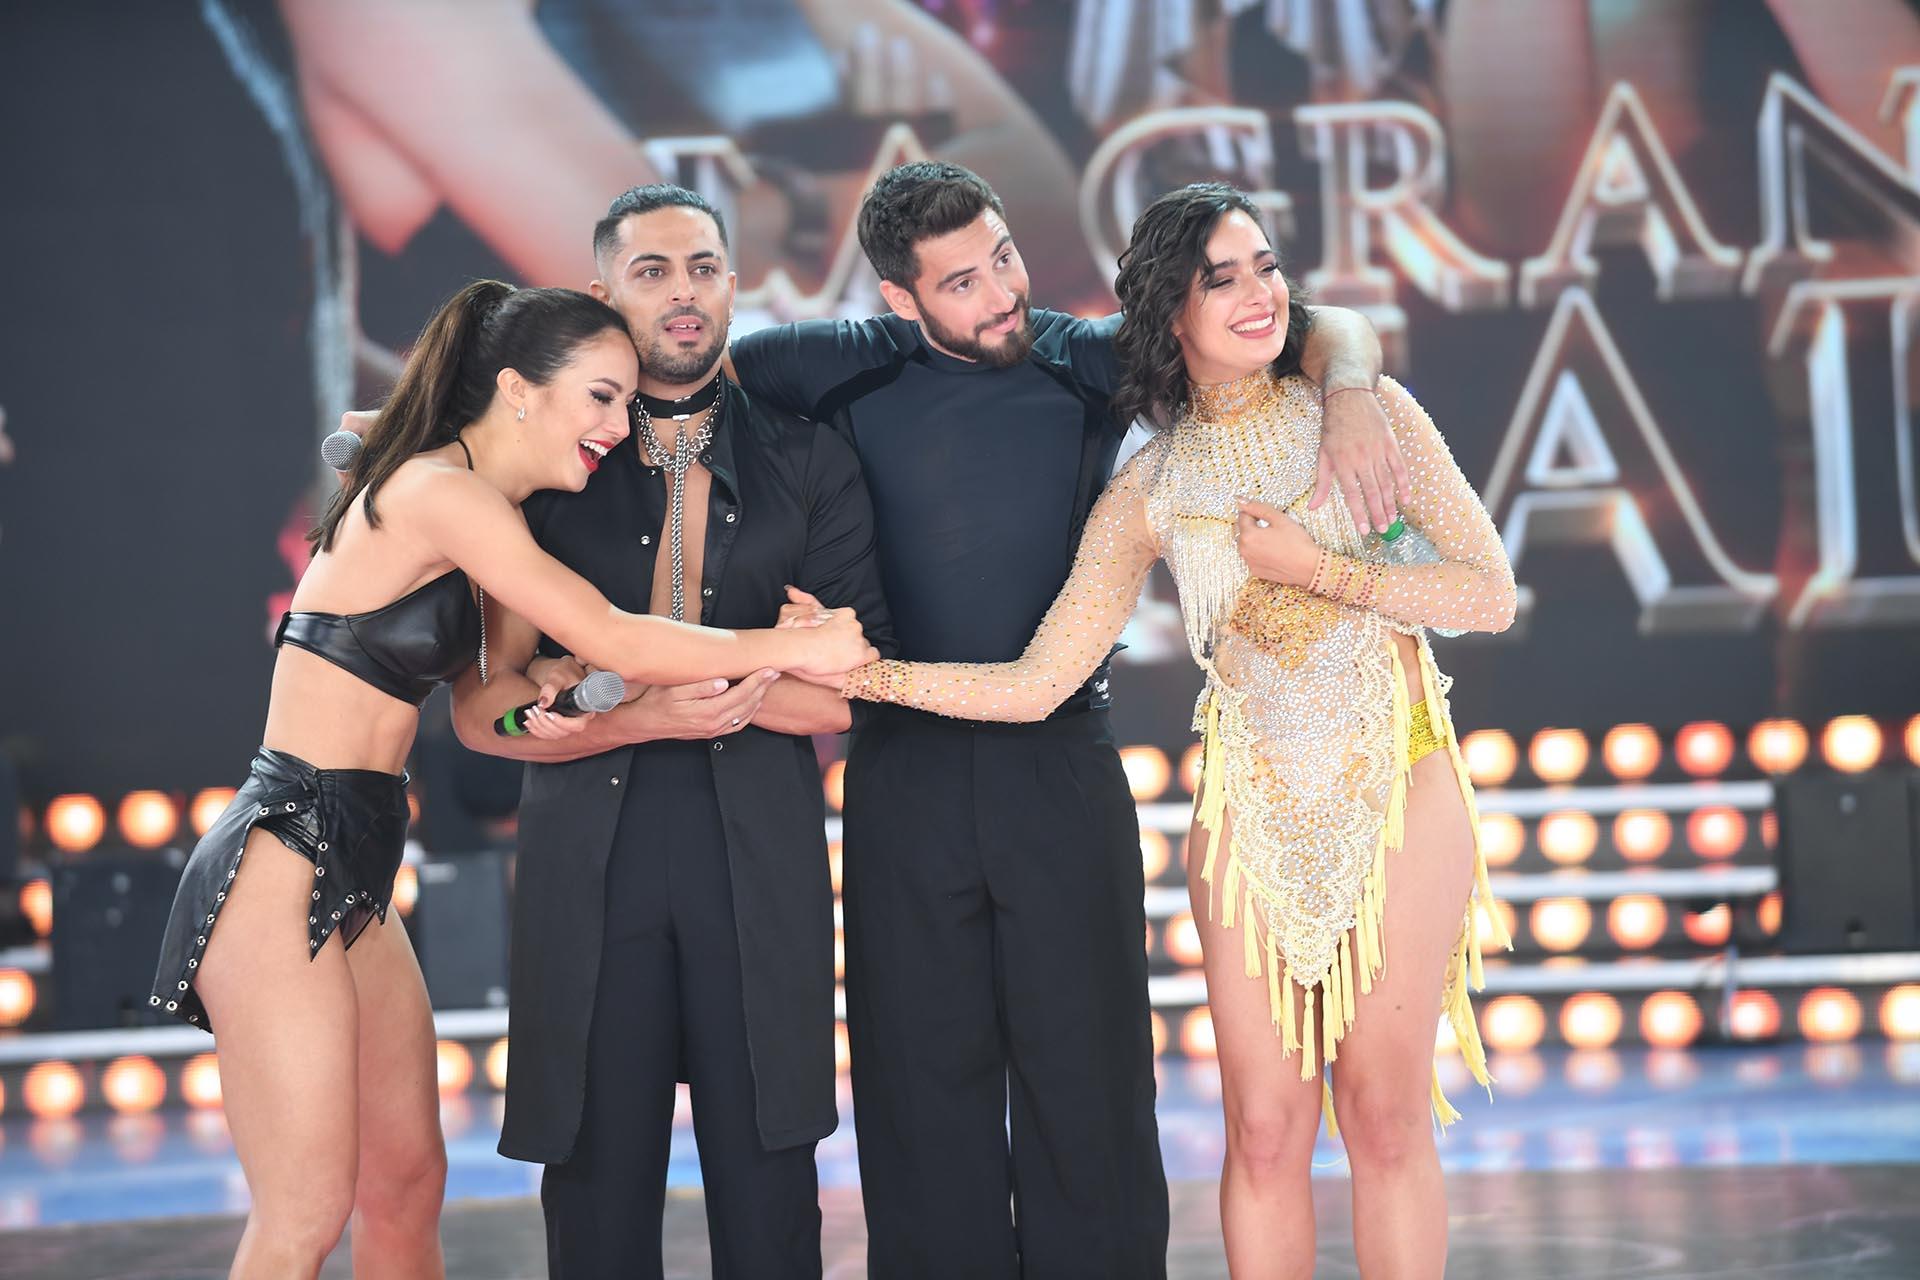 Flor, Facu, Nico y Flor jazmín (Foto: Negro Luengo / LaFlia)